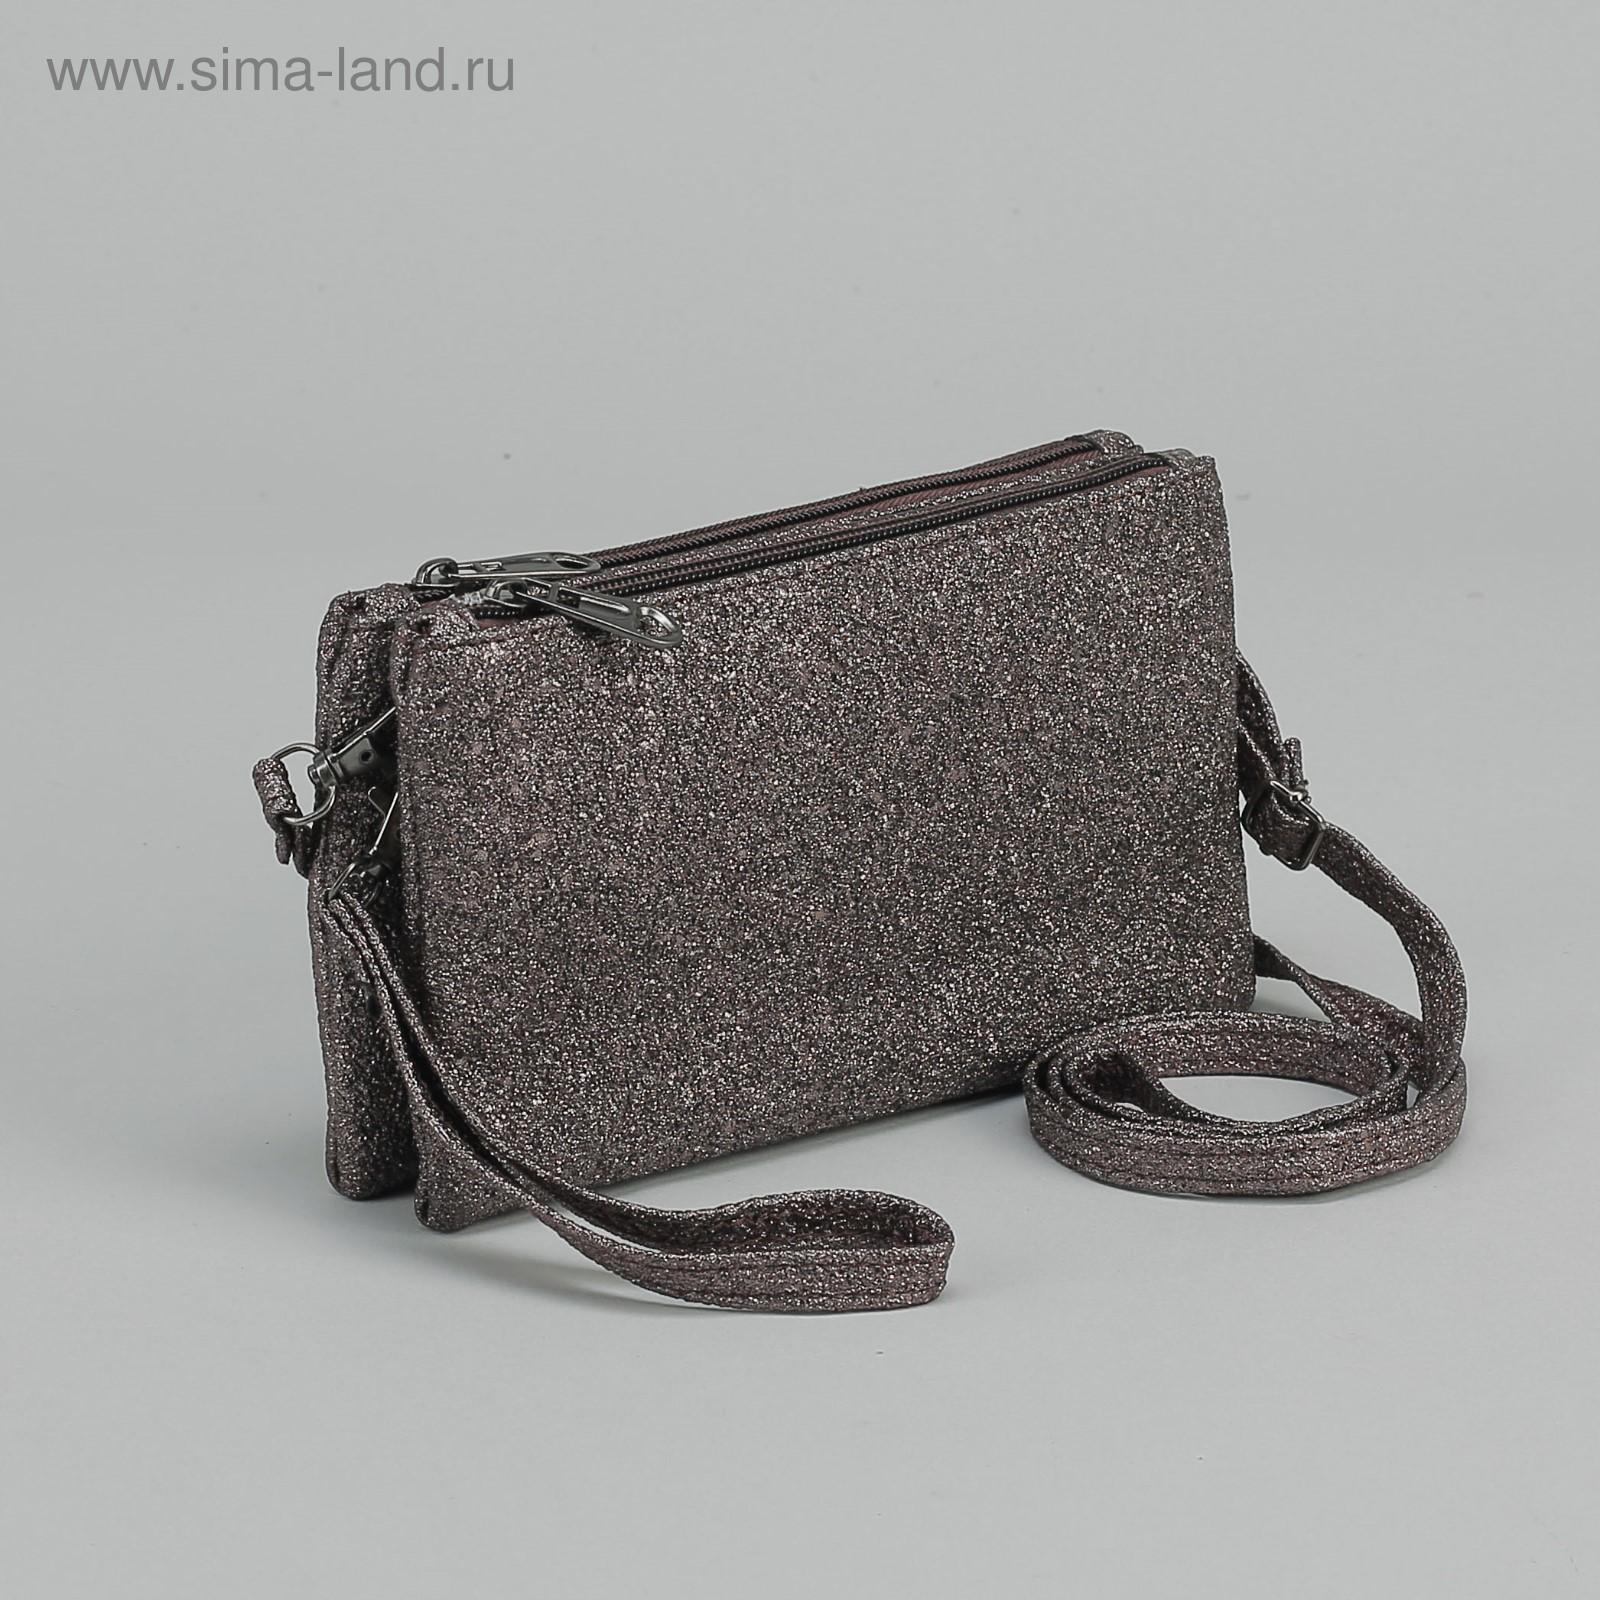 b68be0282e67 Клатч женский, 2 отдела на молниях, наружный карман, с ручкой, длинный  ремень, цвет серый